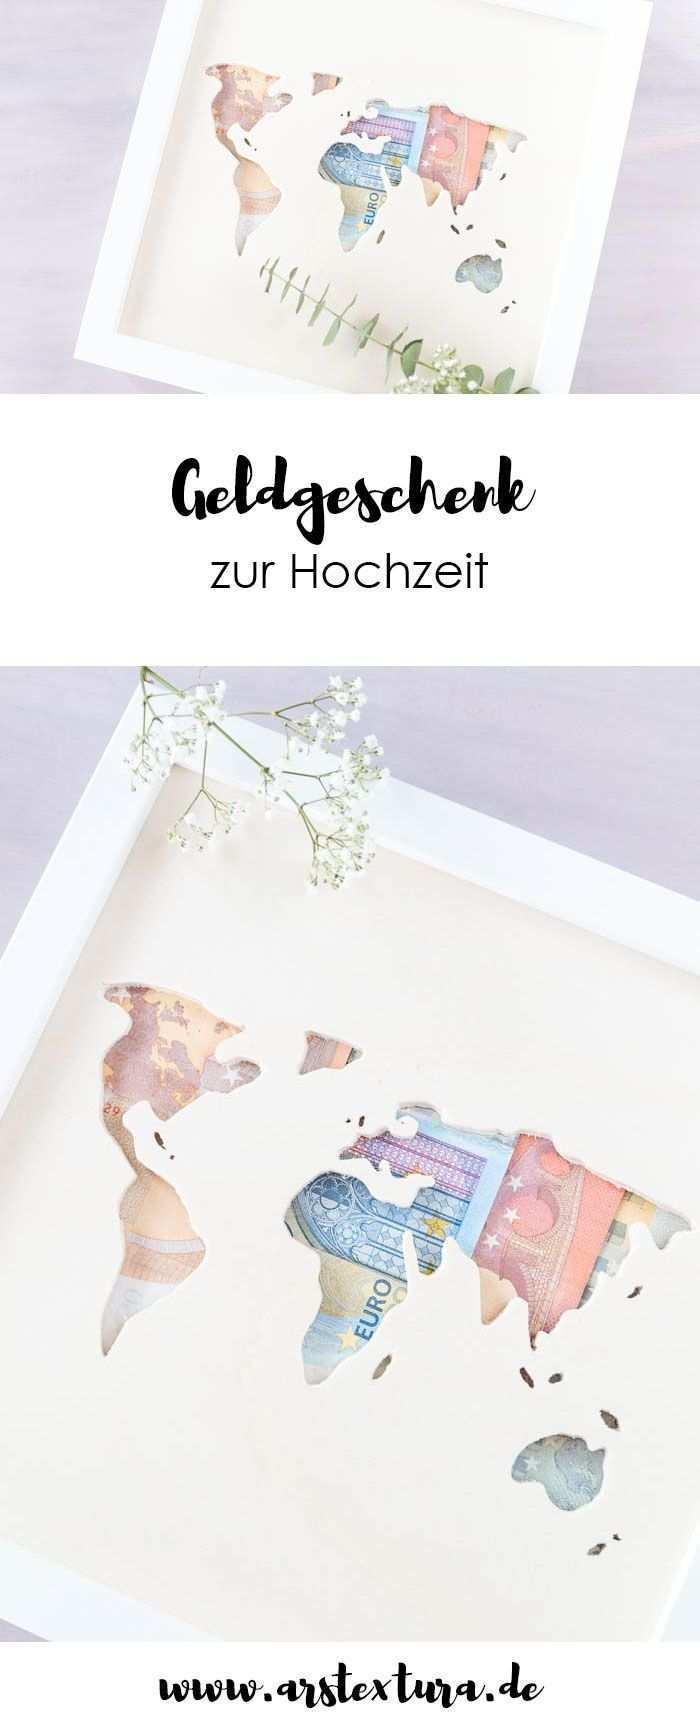 Geldgeschenk Zur Hochzeit Weltkarte Aus Holz Mit Geld Ars Textura Diy Blog Geschenke Diy Geschenke Hochzeit Gutschein Basteln Hochzeit